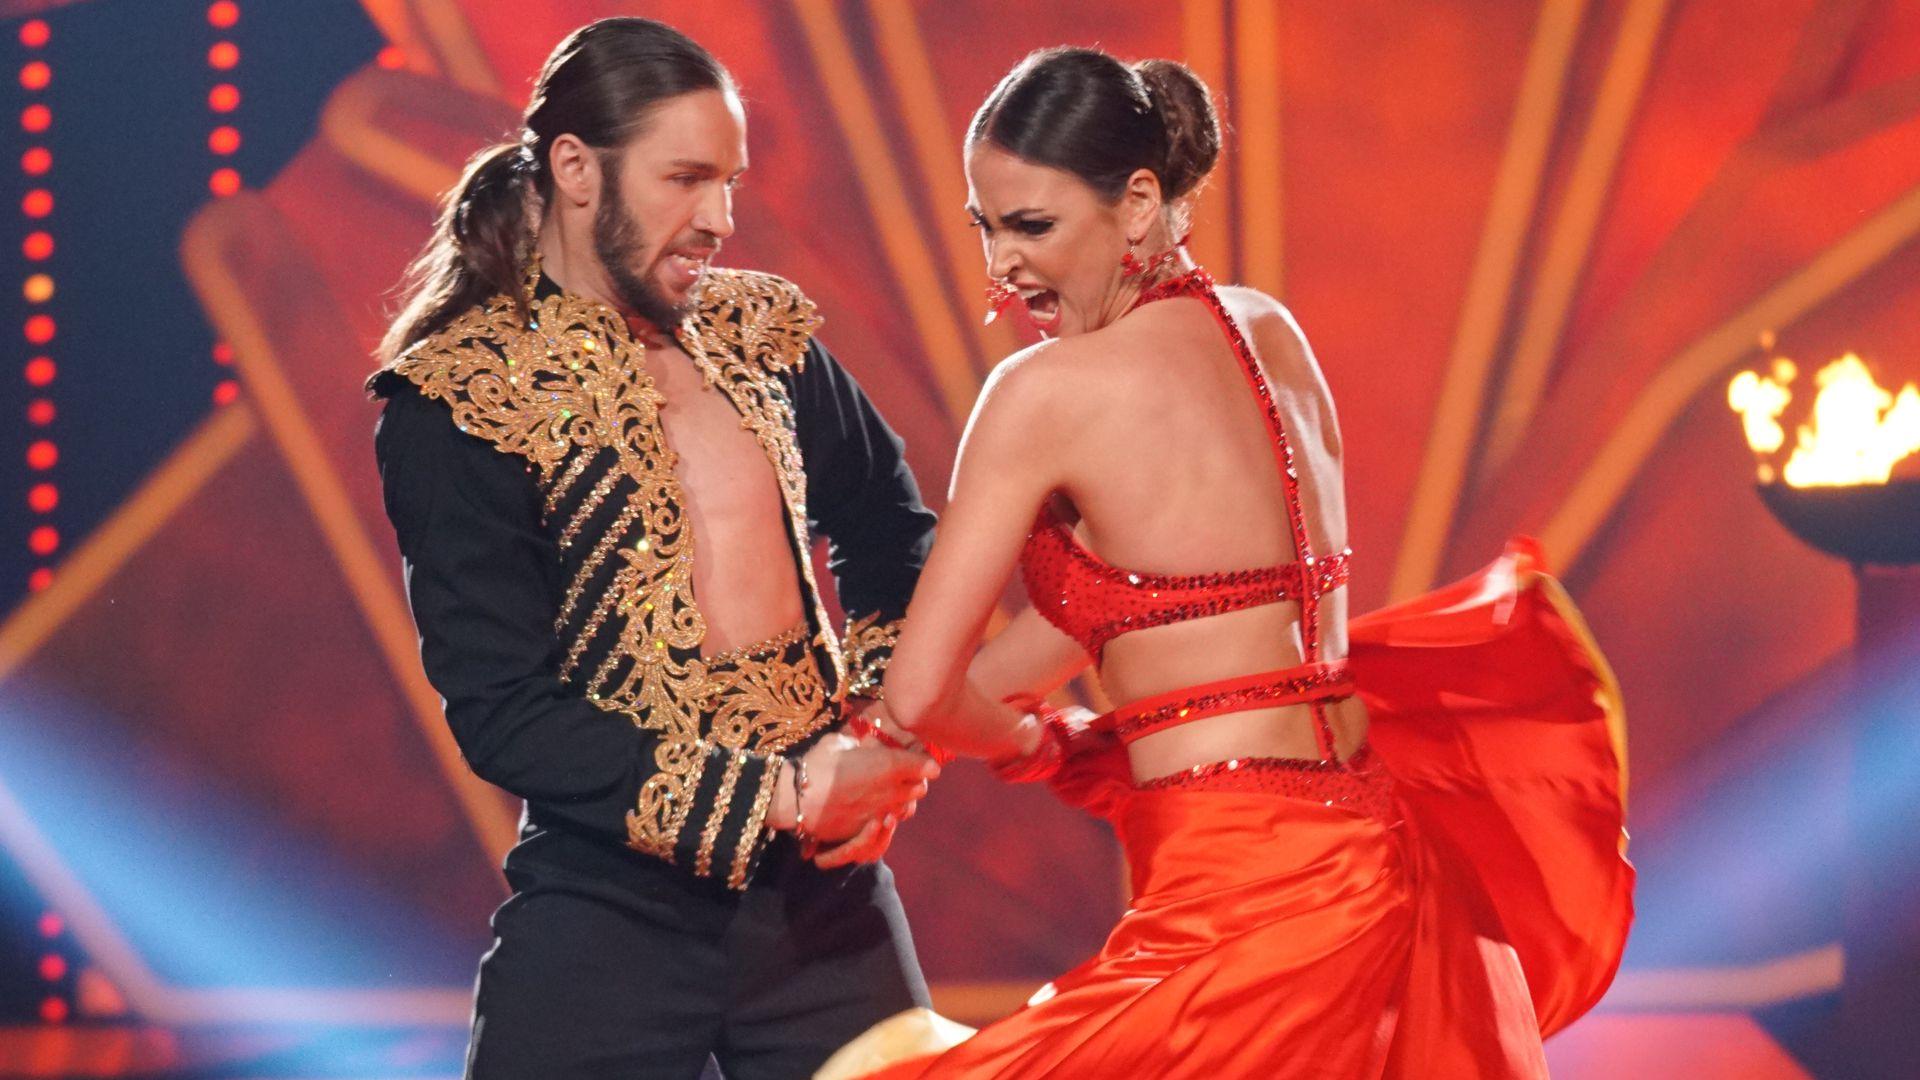 Gil Ekaterina So Wollen Sie Lets Dance Gewinnen Promiflashde